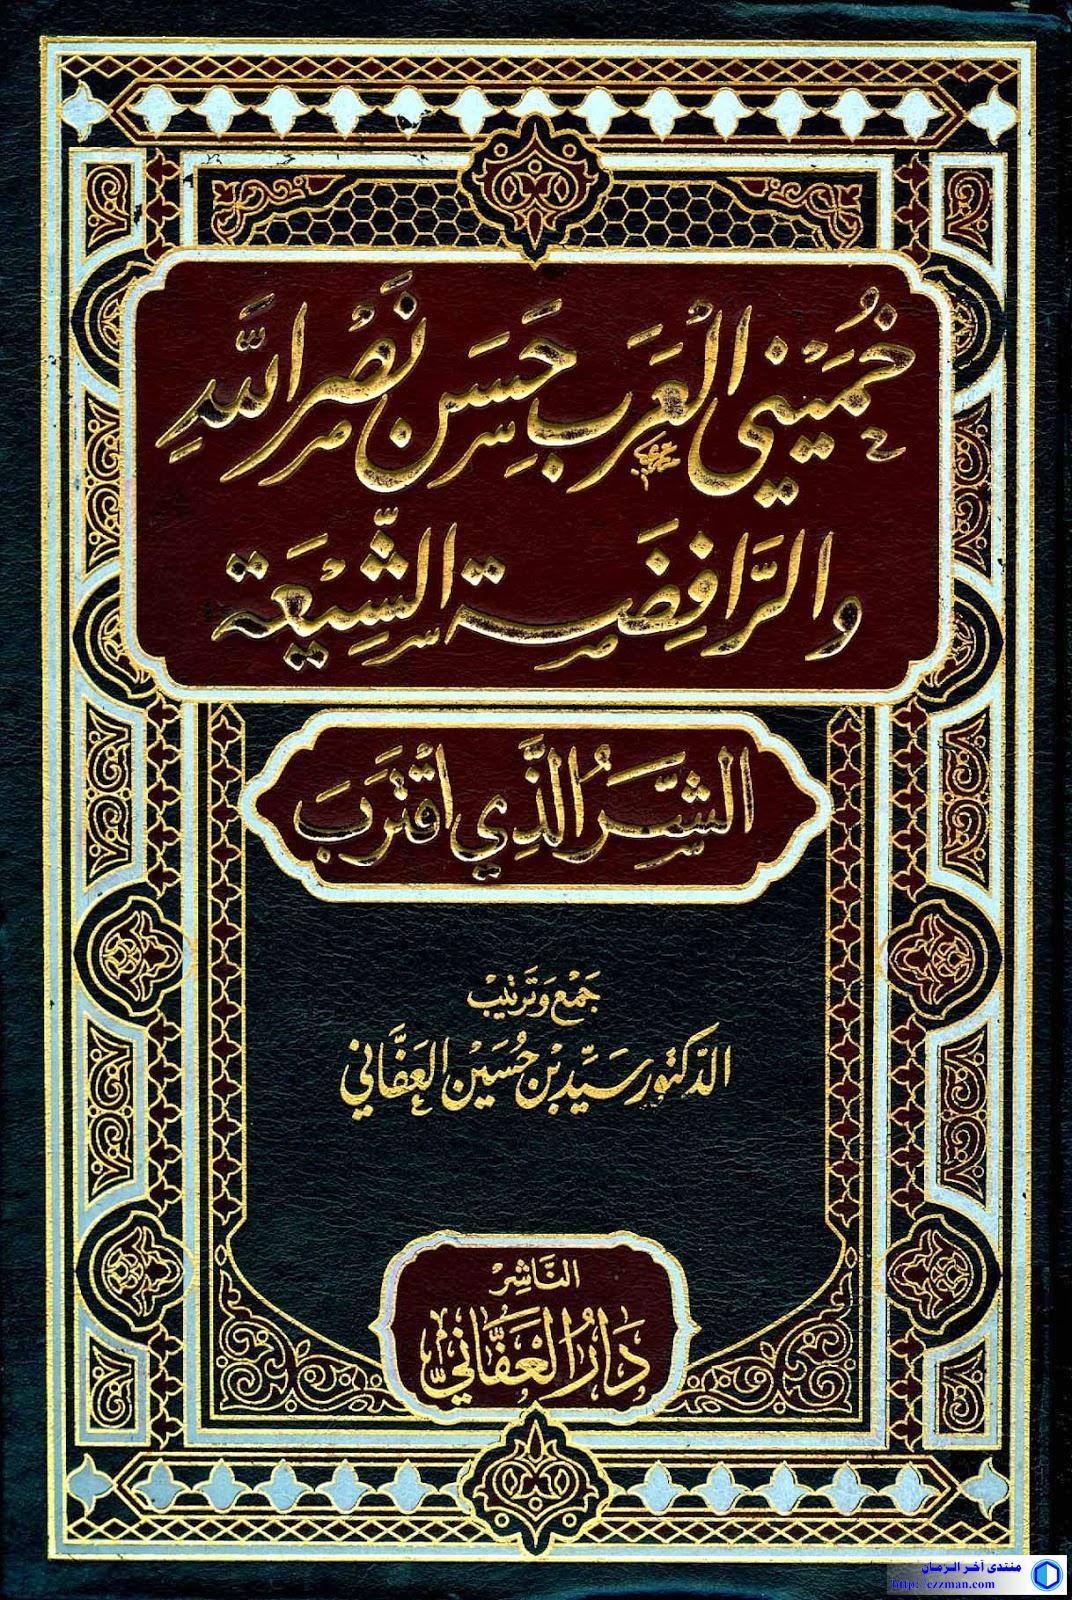 كتاب: خميني العرب الله